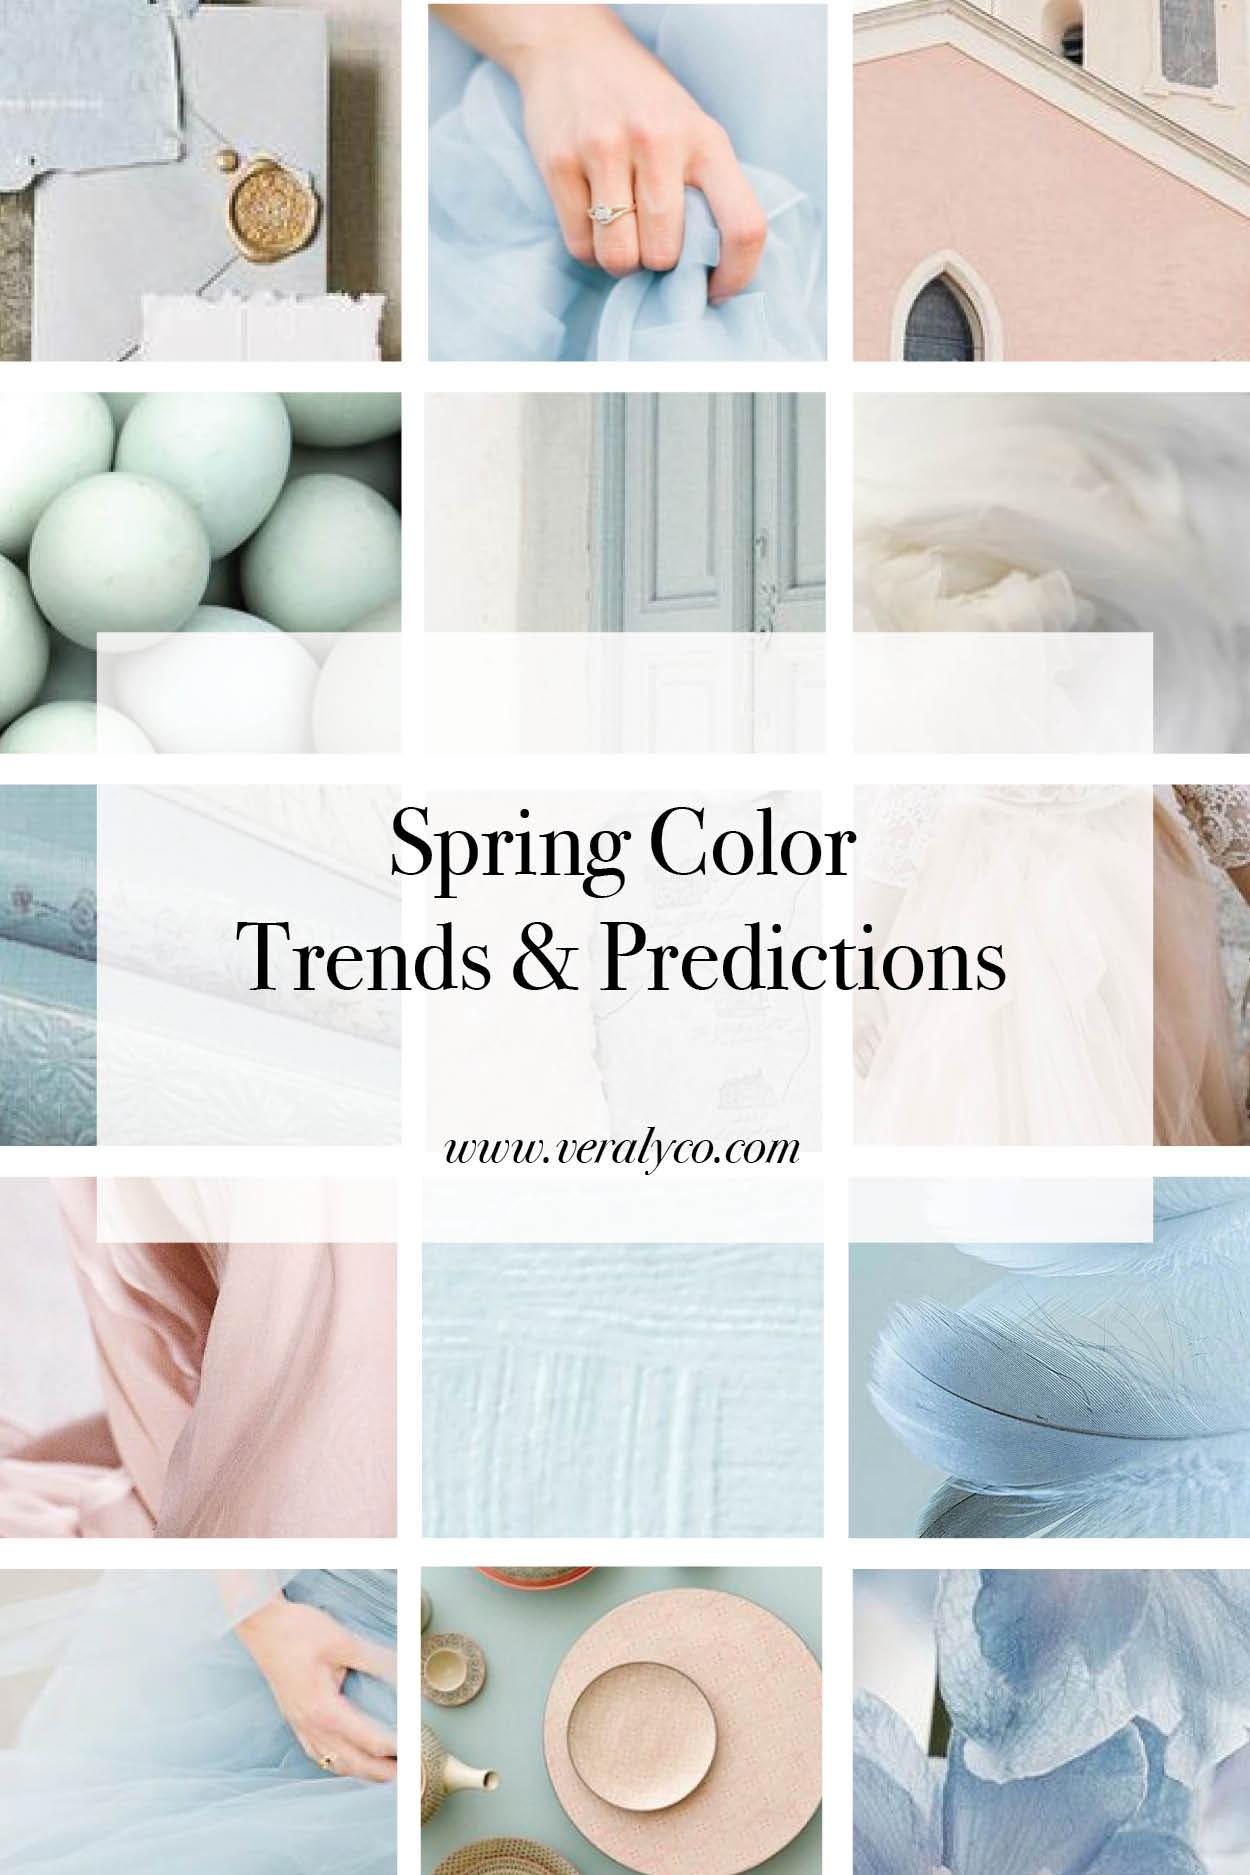 Spring Color Trends.jpg